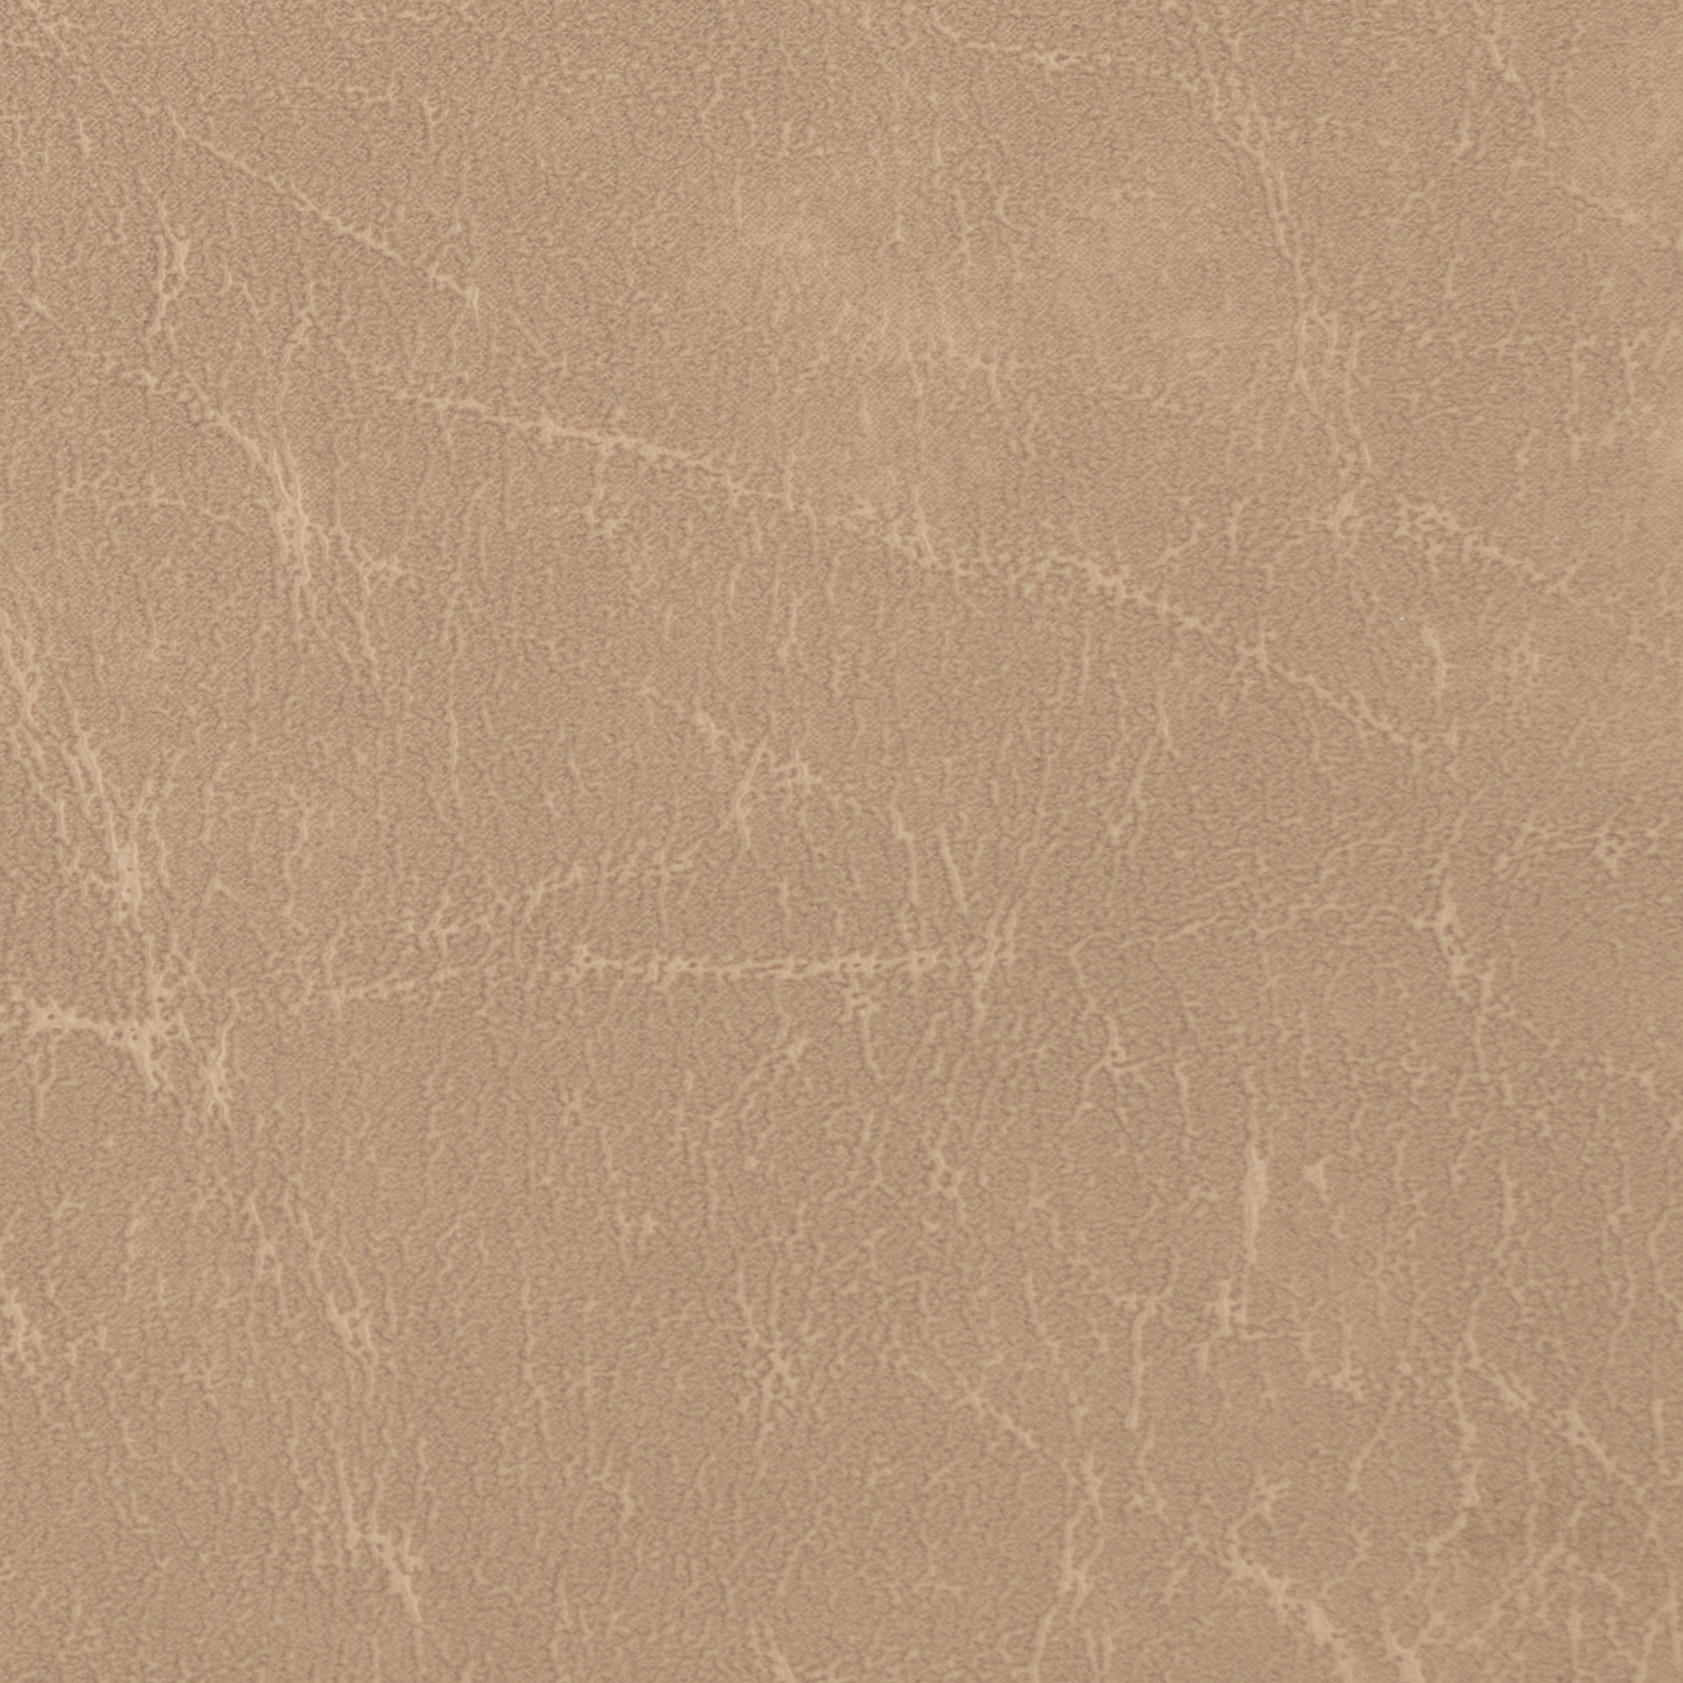 05 Carrara-parchment-cropped